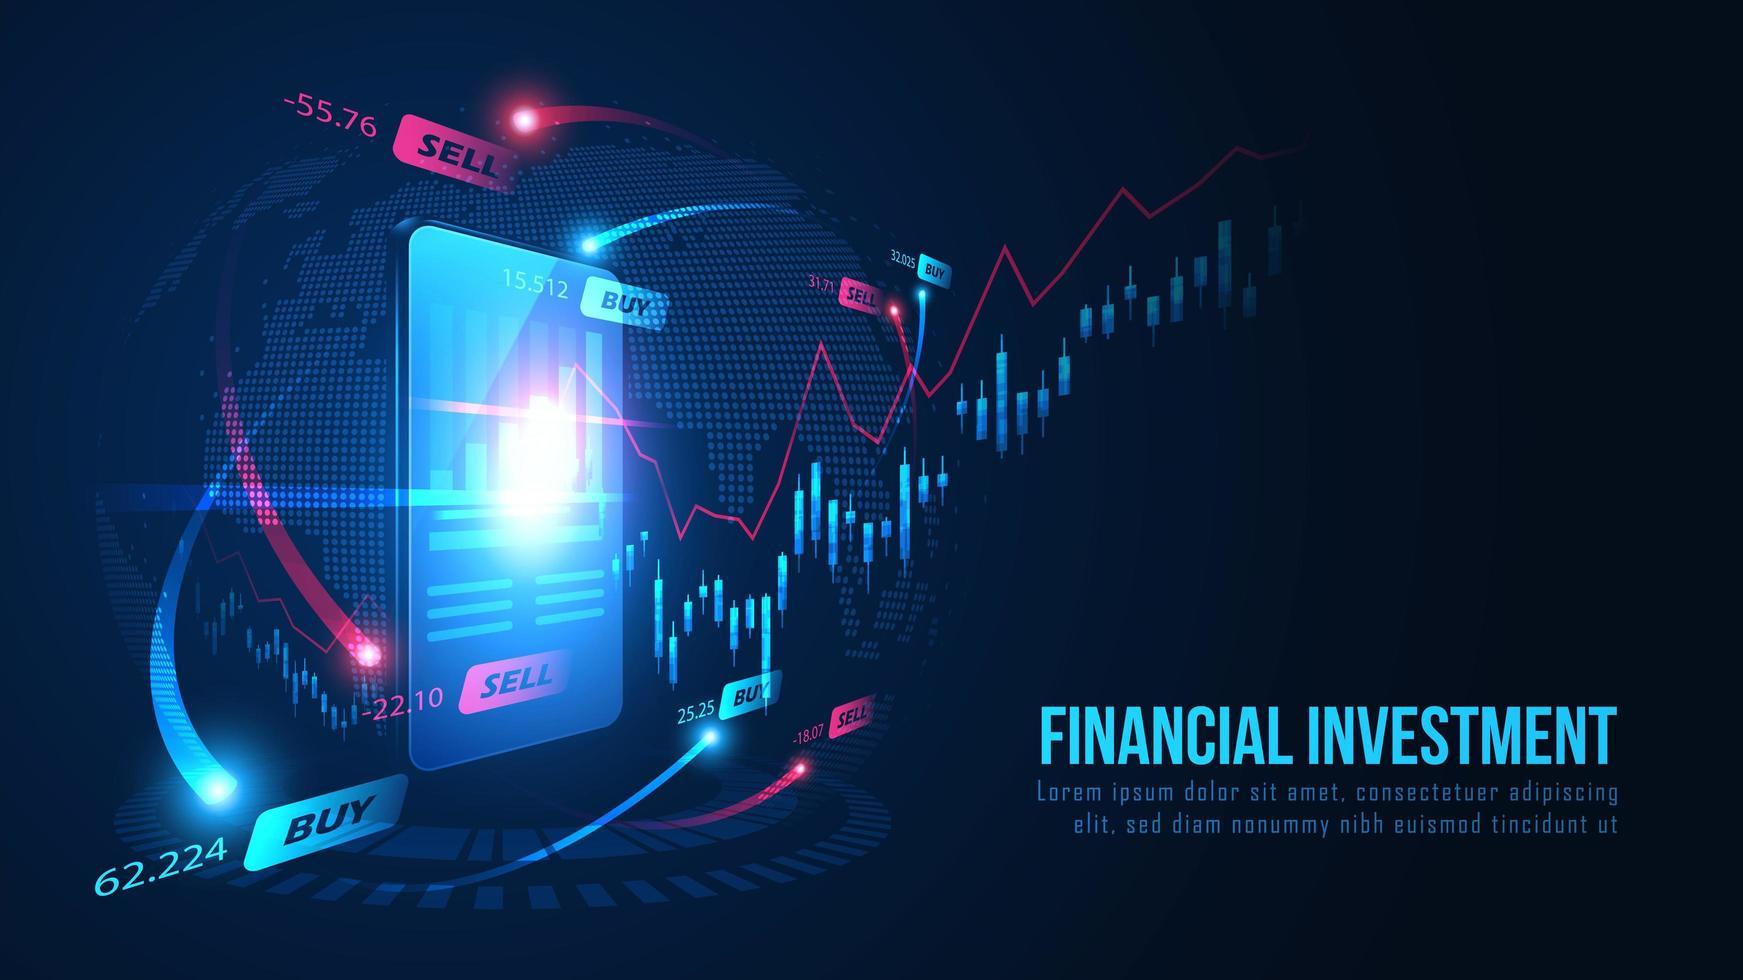 graphique de trading en ligne sur la conception de smartphones vecteur